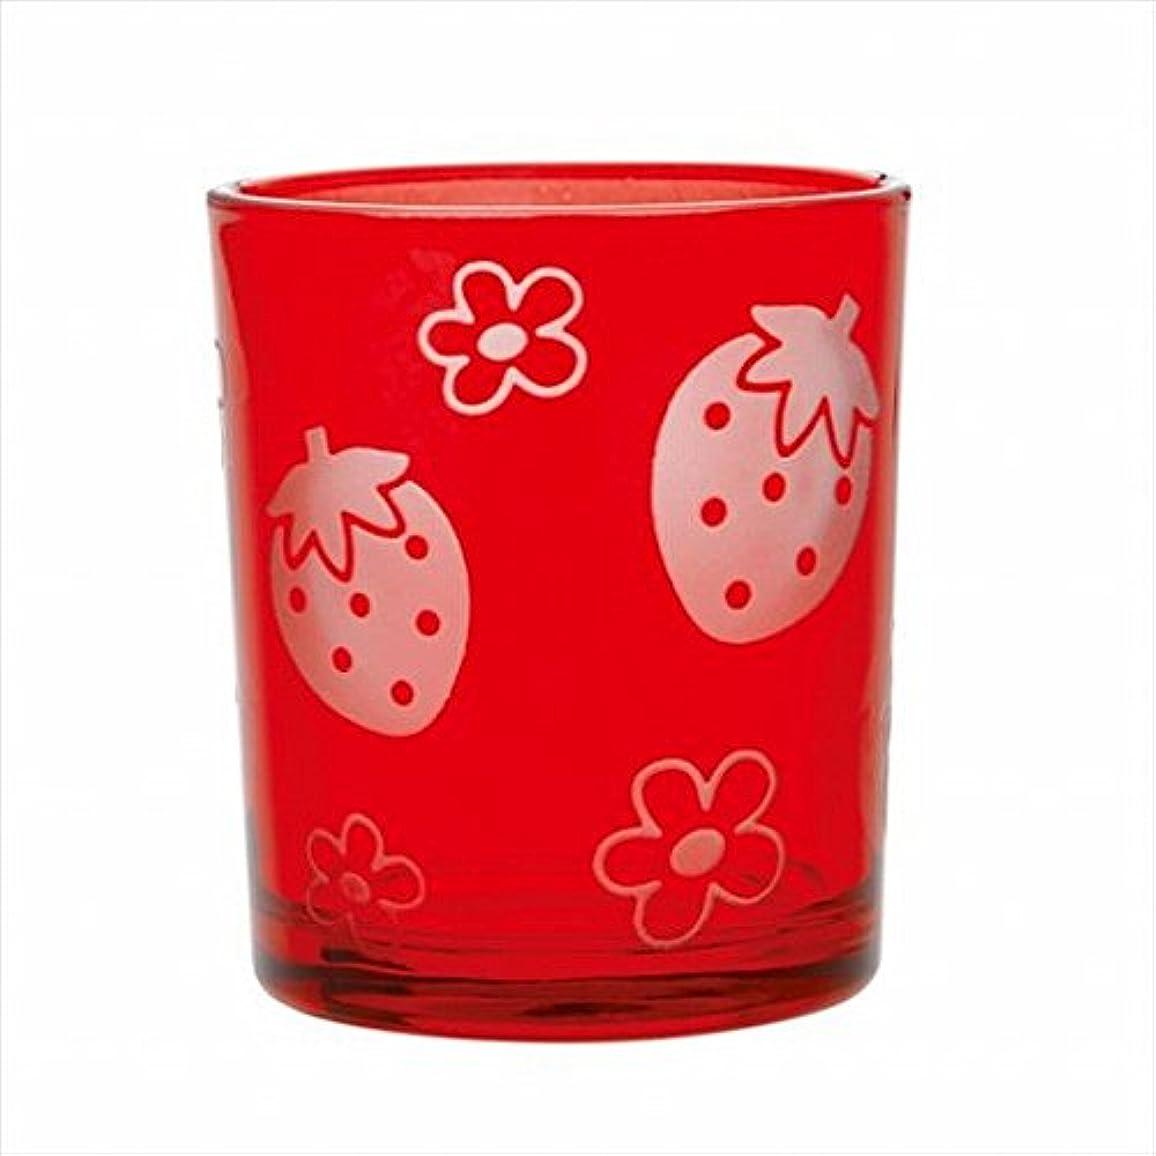 グリップモード将来のsweets candle いちごフロストカップ 「 レッド 」